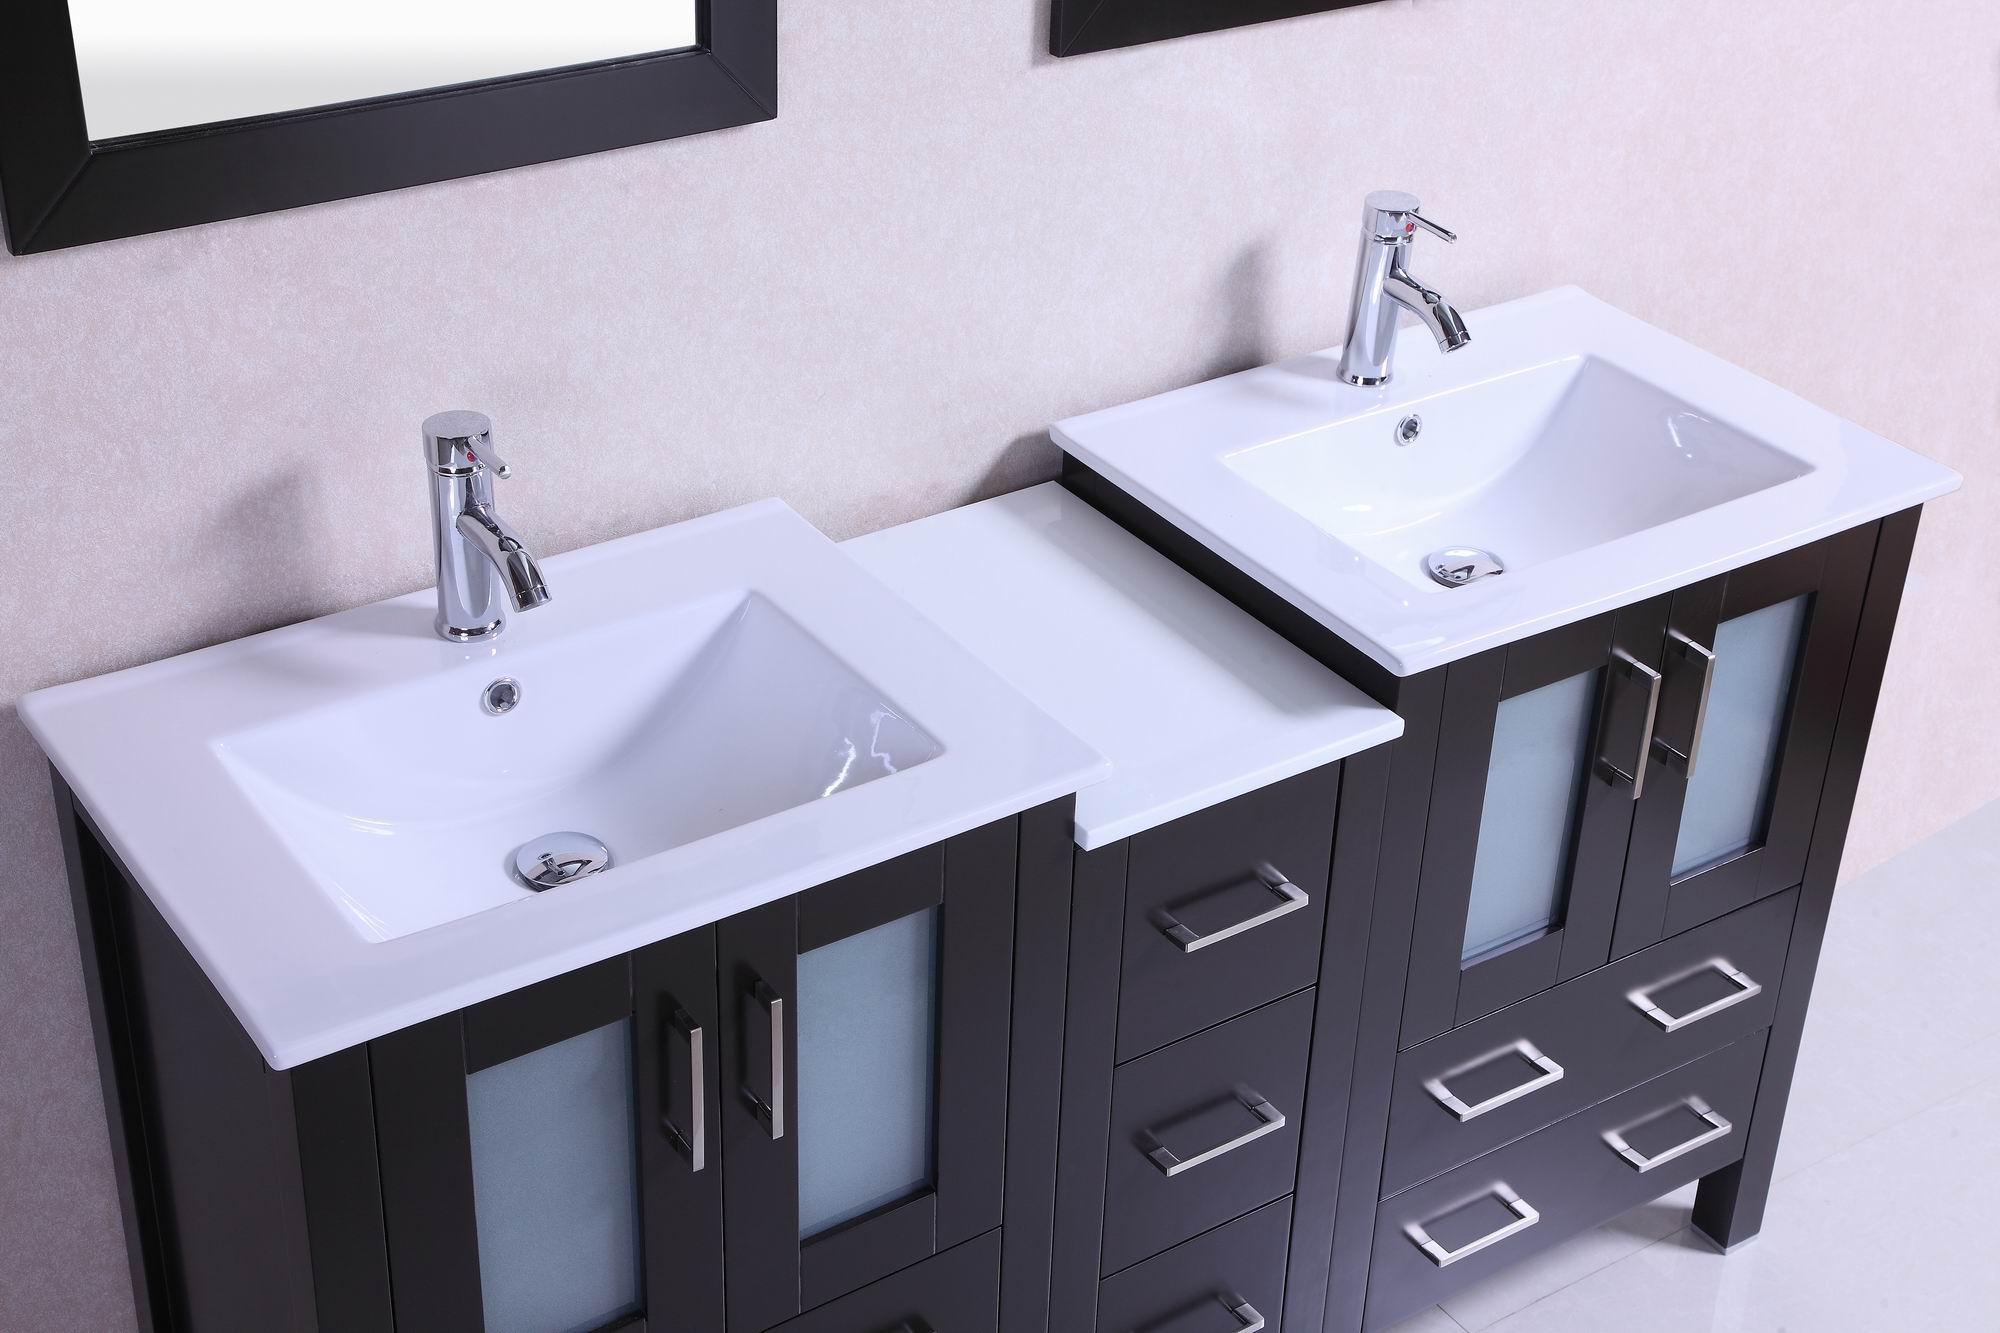 double vanity sink top. 60-inch belvedere modern espresso double bathroom vanity with ceramic top sink